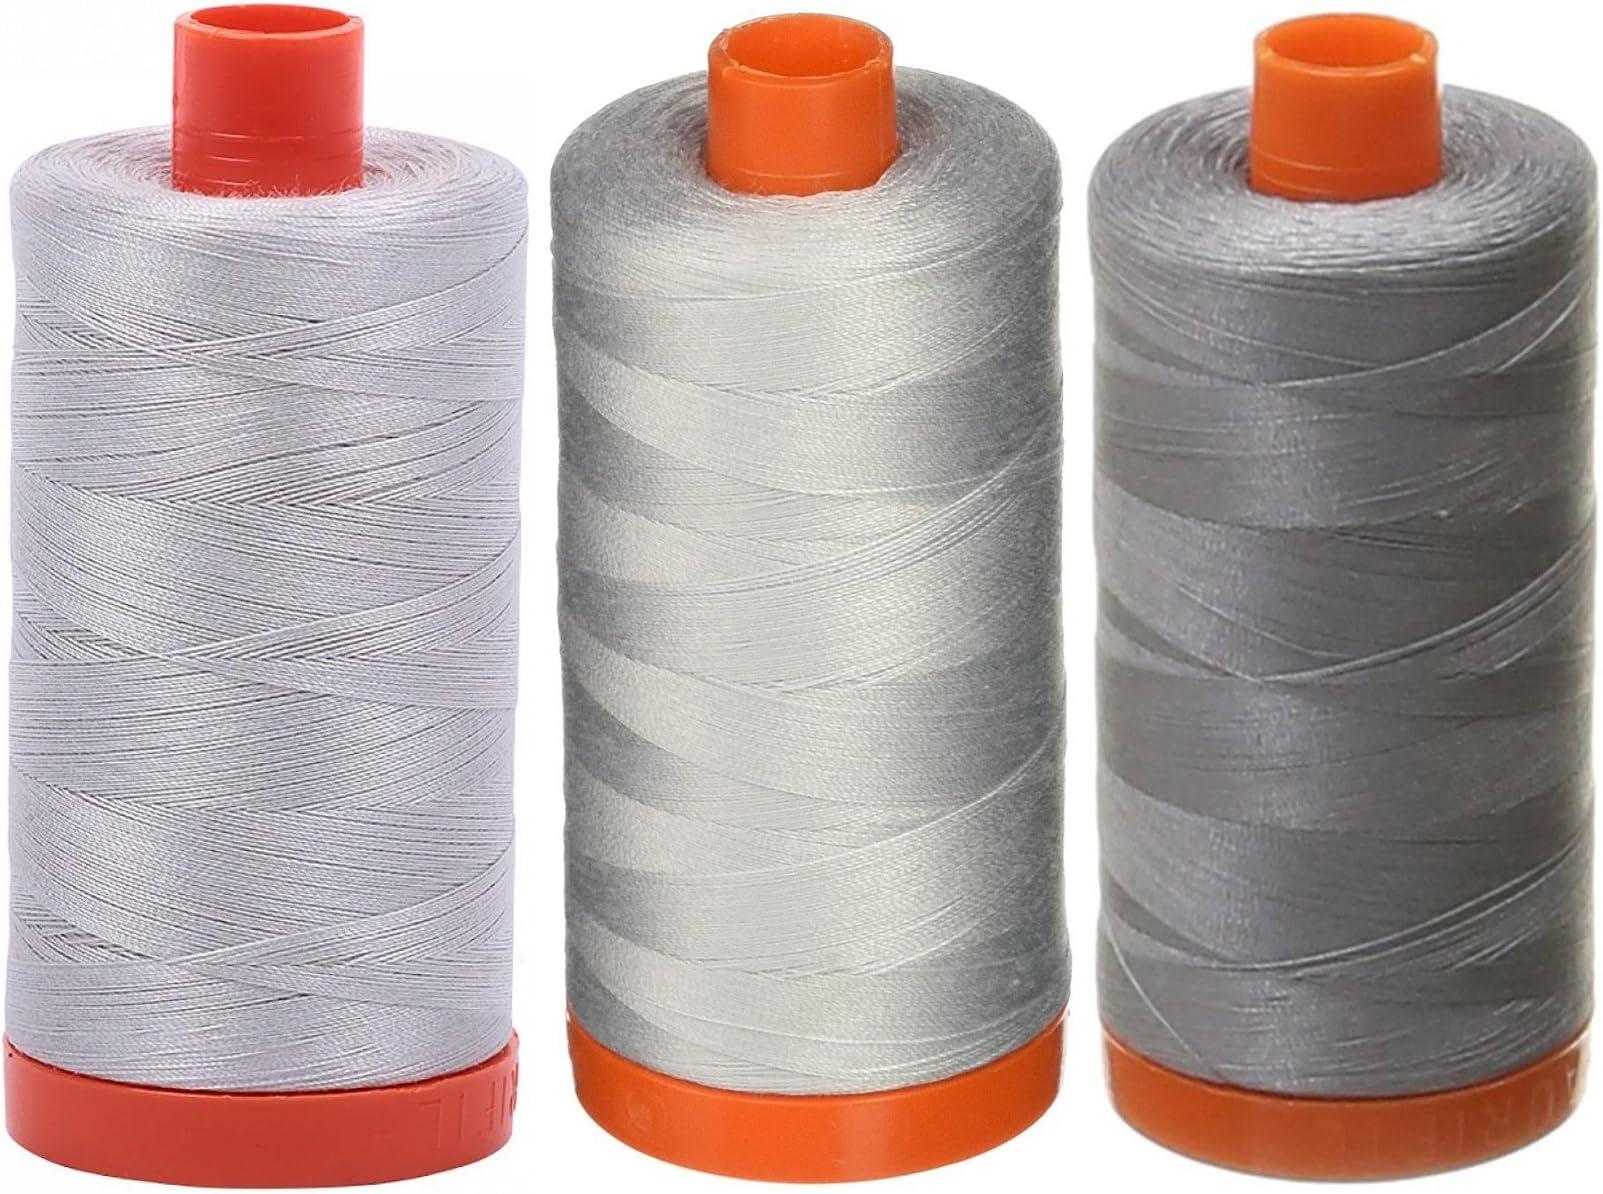 GREY SMOKE #5004 Aurifil Cotton Thread 50 wt 1422 yds